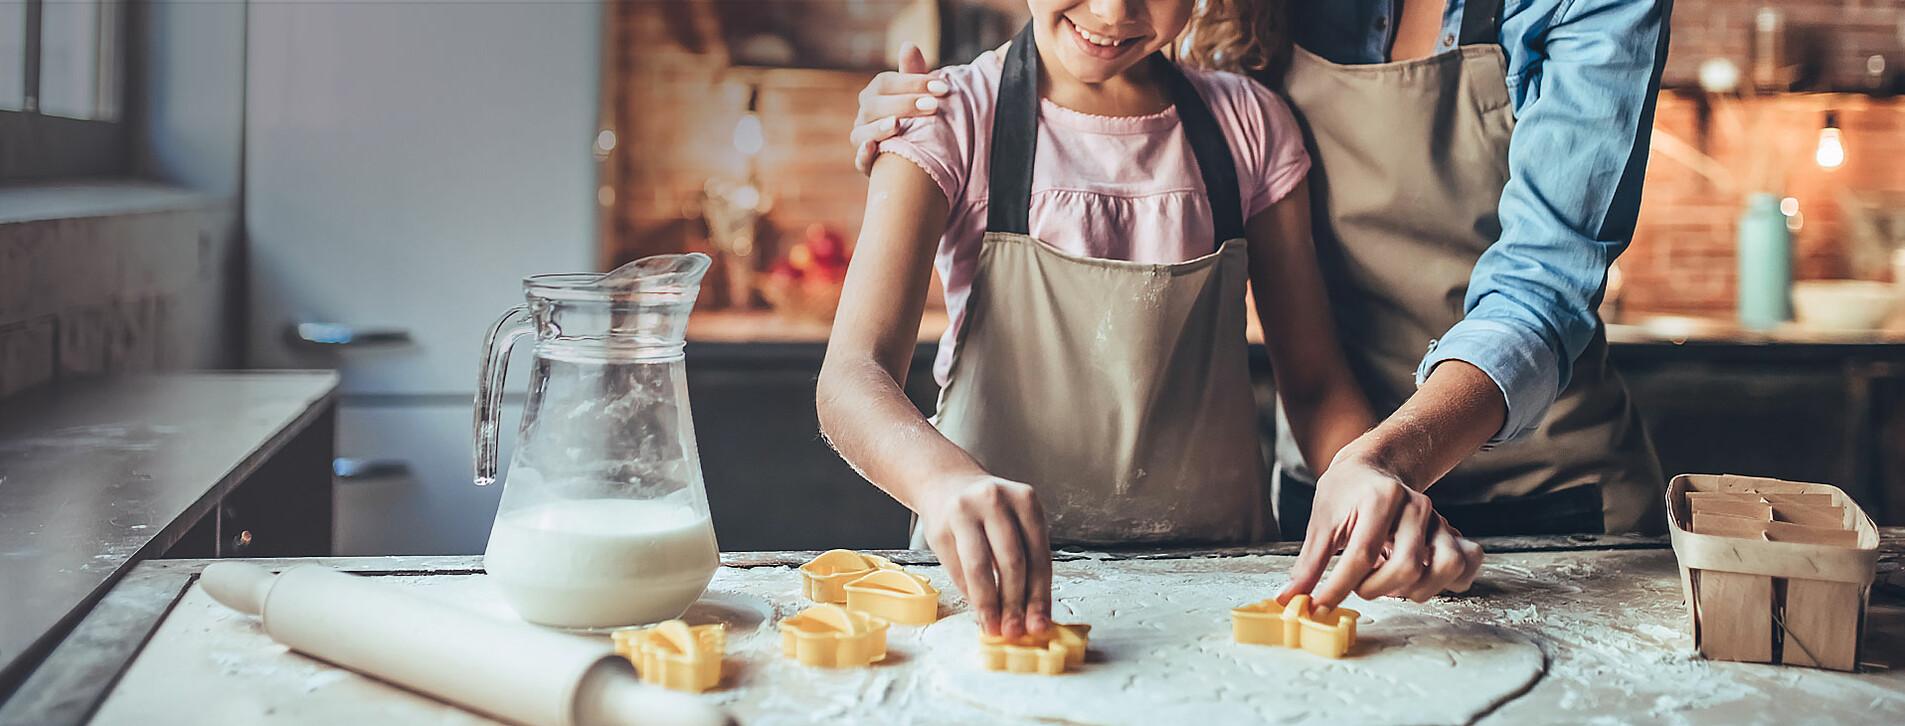 Фото 1 - Детский кулинарный мастер-класс